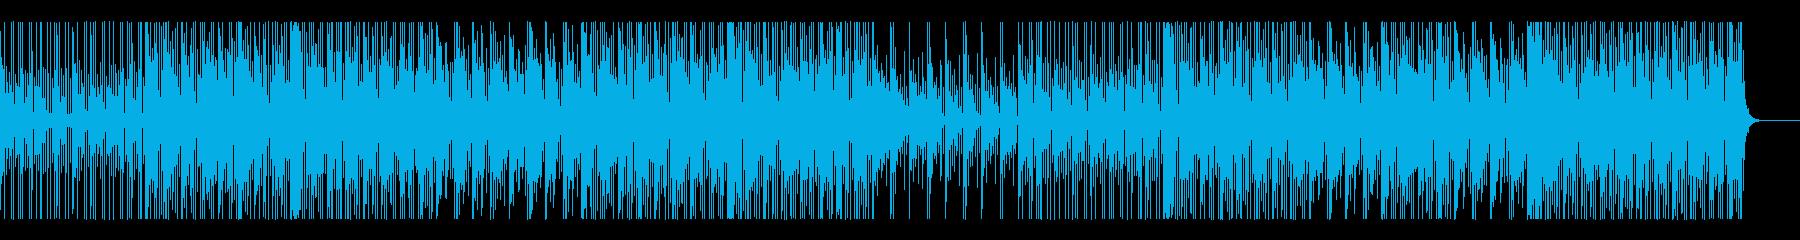 サックス、大人の夜の雰囲気、HIPHOPの再生済みの波形